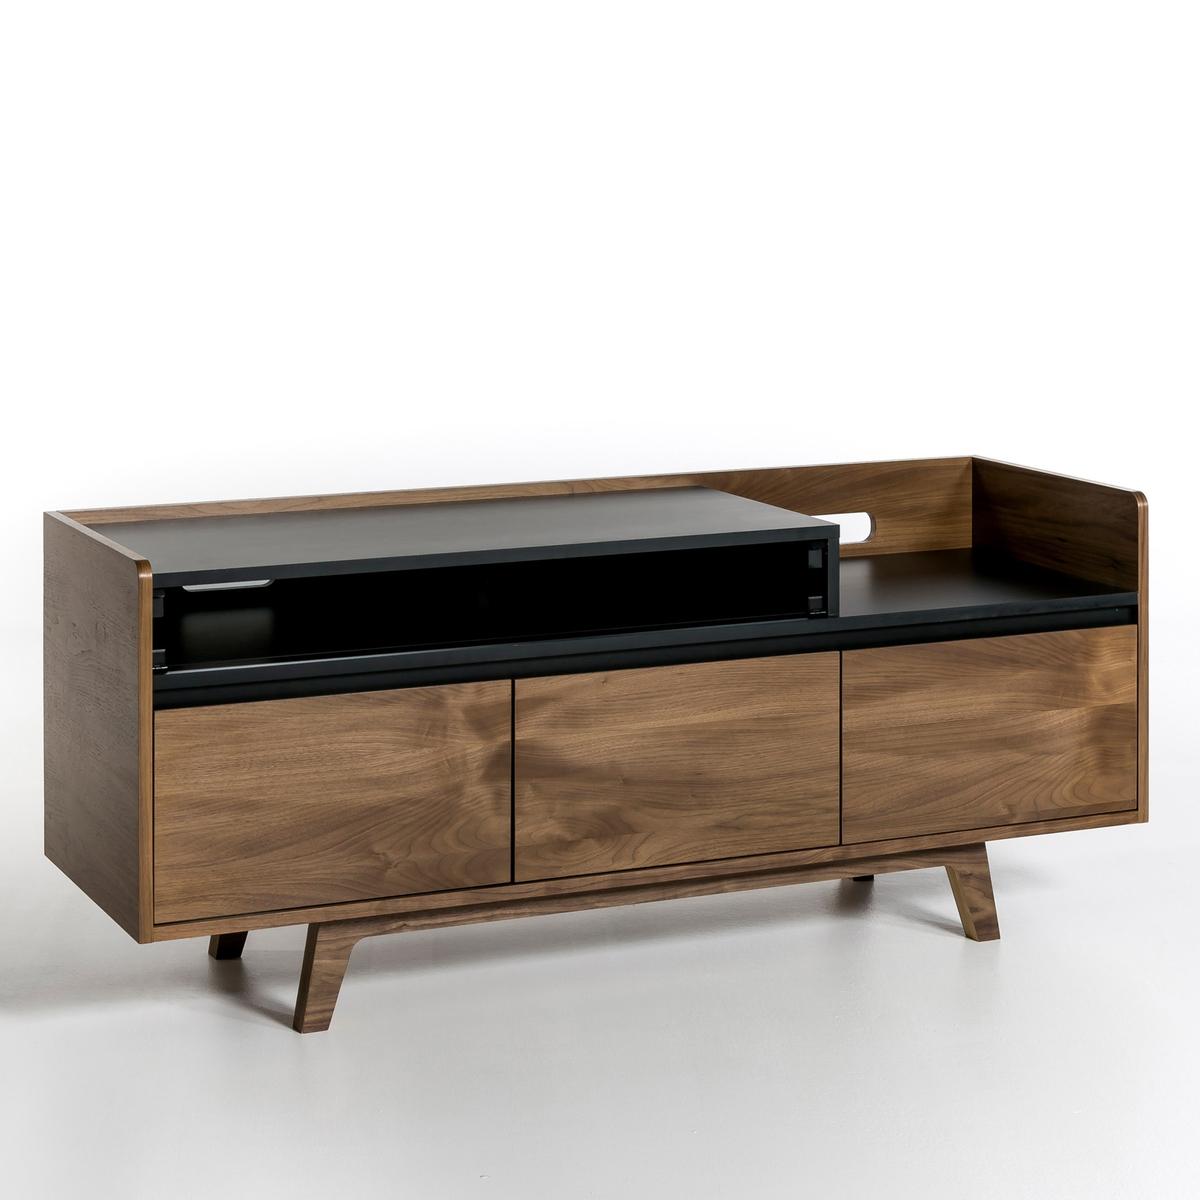 ТВ-тумба горизонтальная Andilon, дизайн Э. Галлины